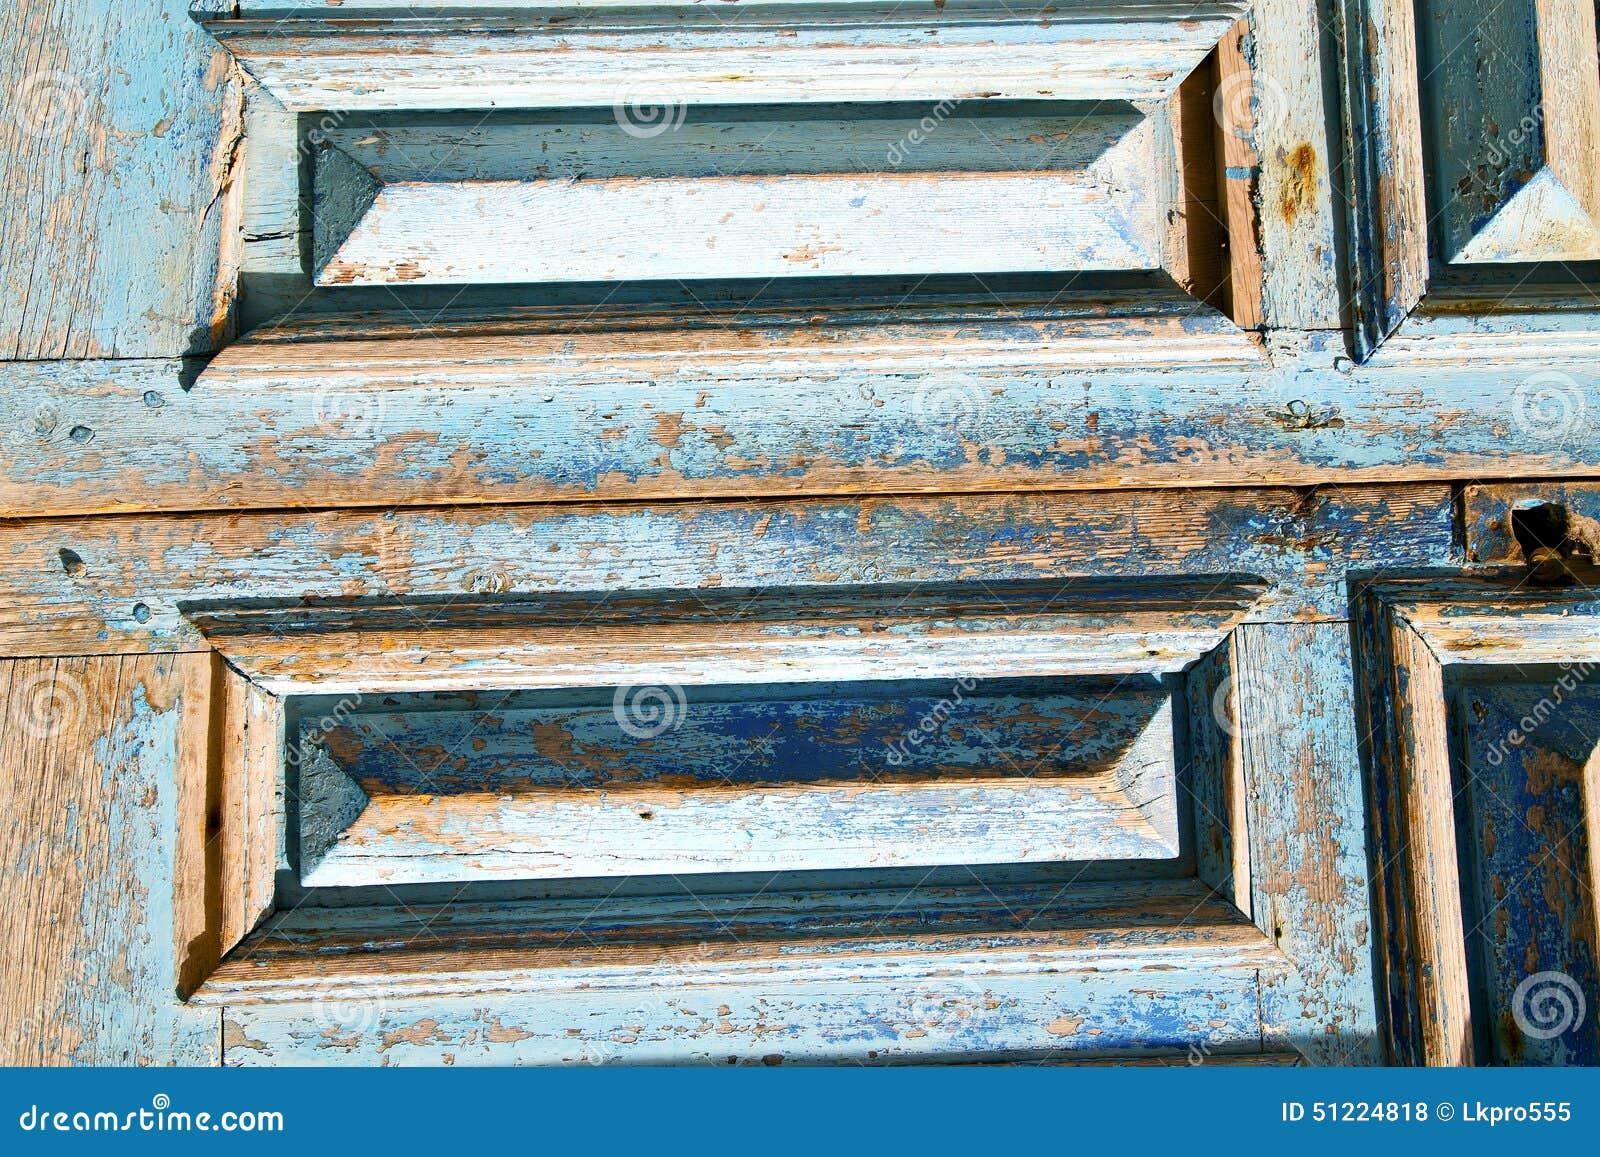 Schmutzige Farbe Der Rostige Nagel Der Blauen Tür Stockfoto - Bild ...